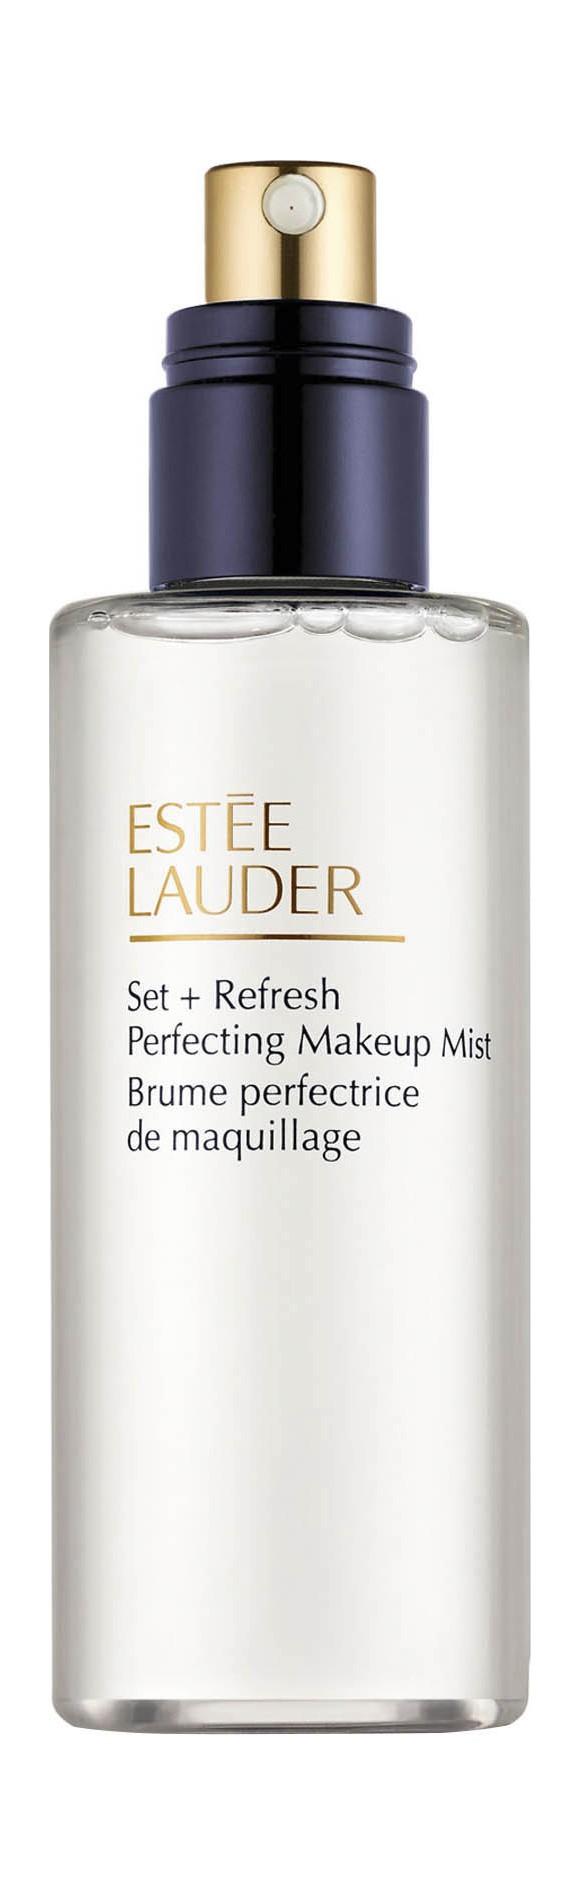 Estée Lauder - Set+Refresh Perfecting Makeup Mist 116 ml